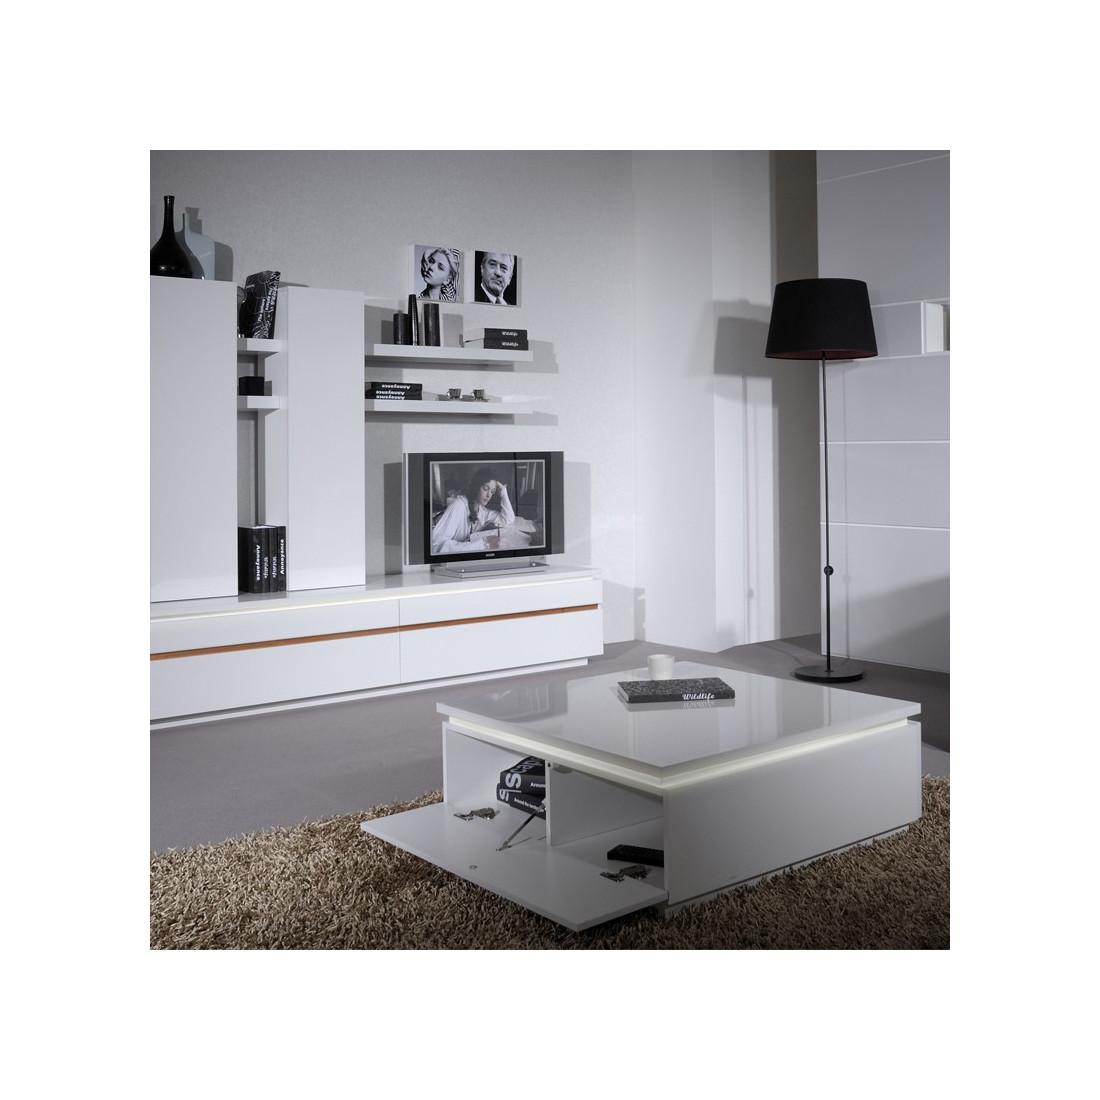 Table basse laque blanche CARMEN - Univers Salon : Tousmesmeubles